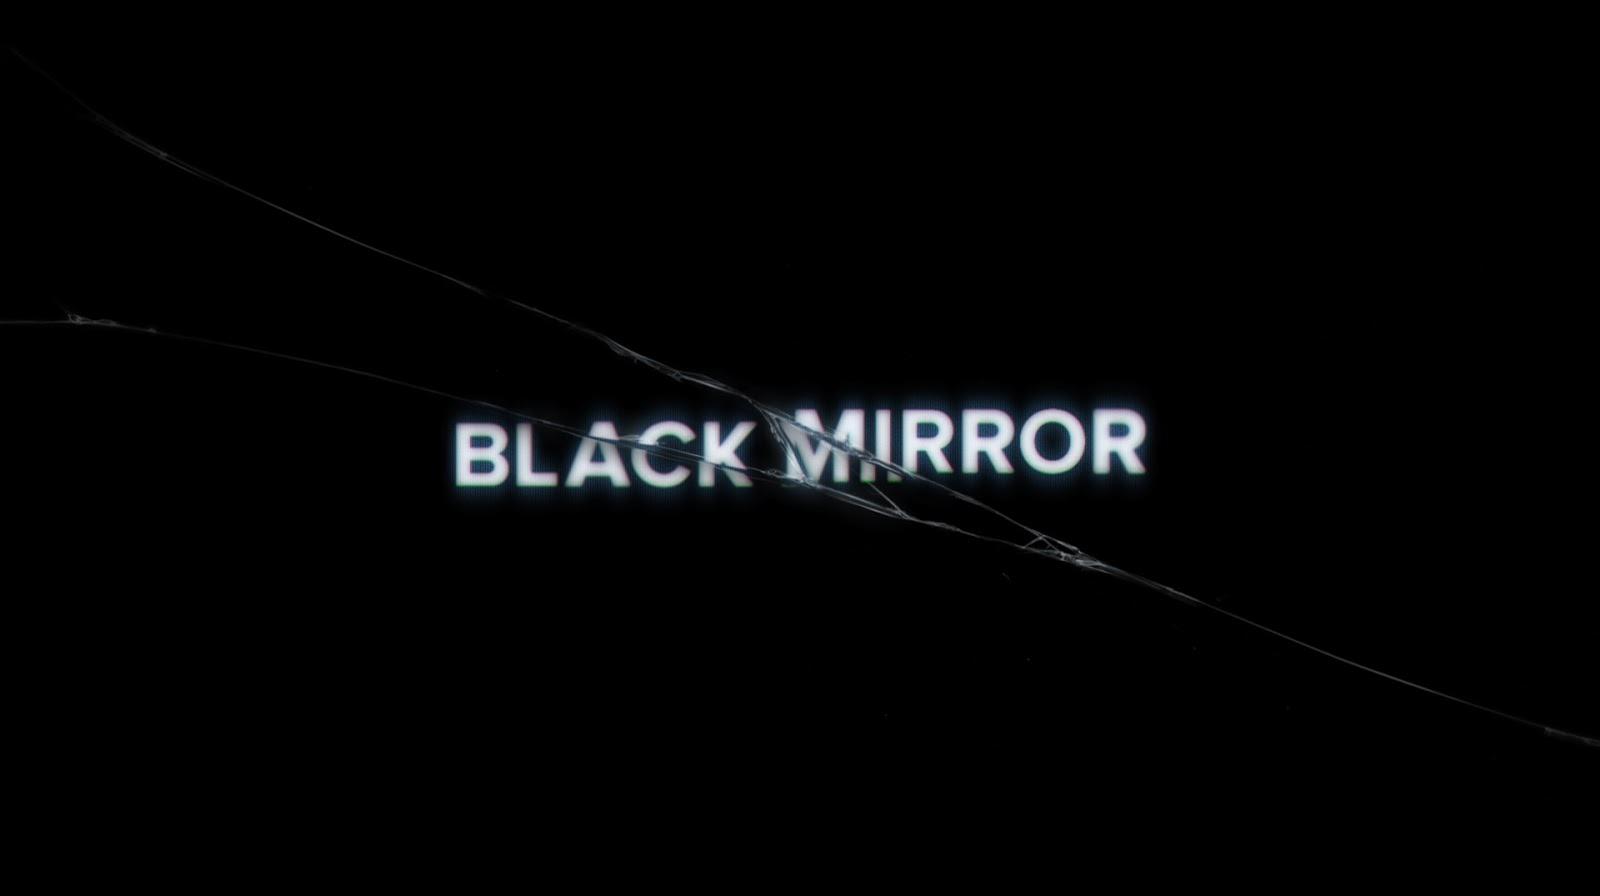 blackmirrorlogo.0